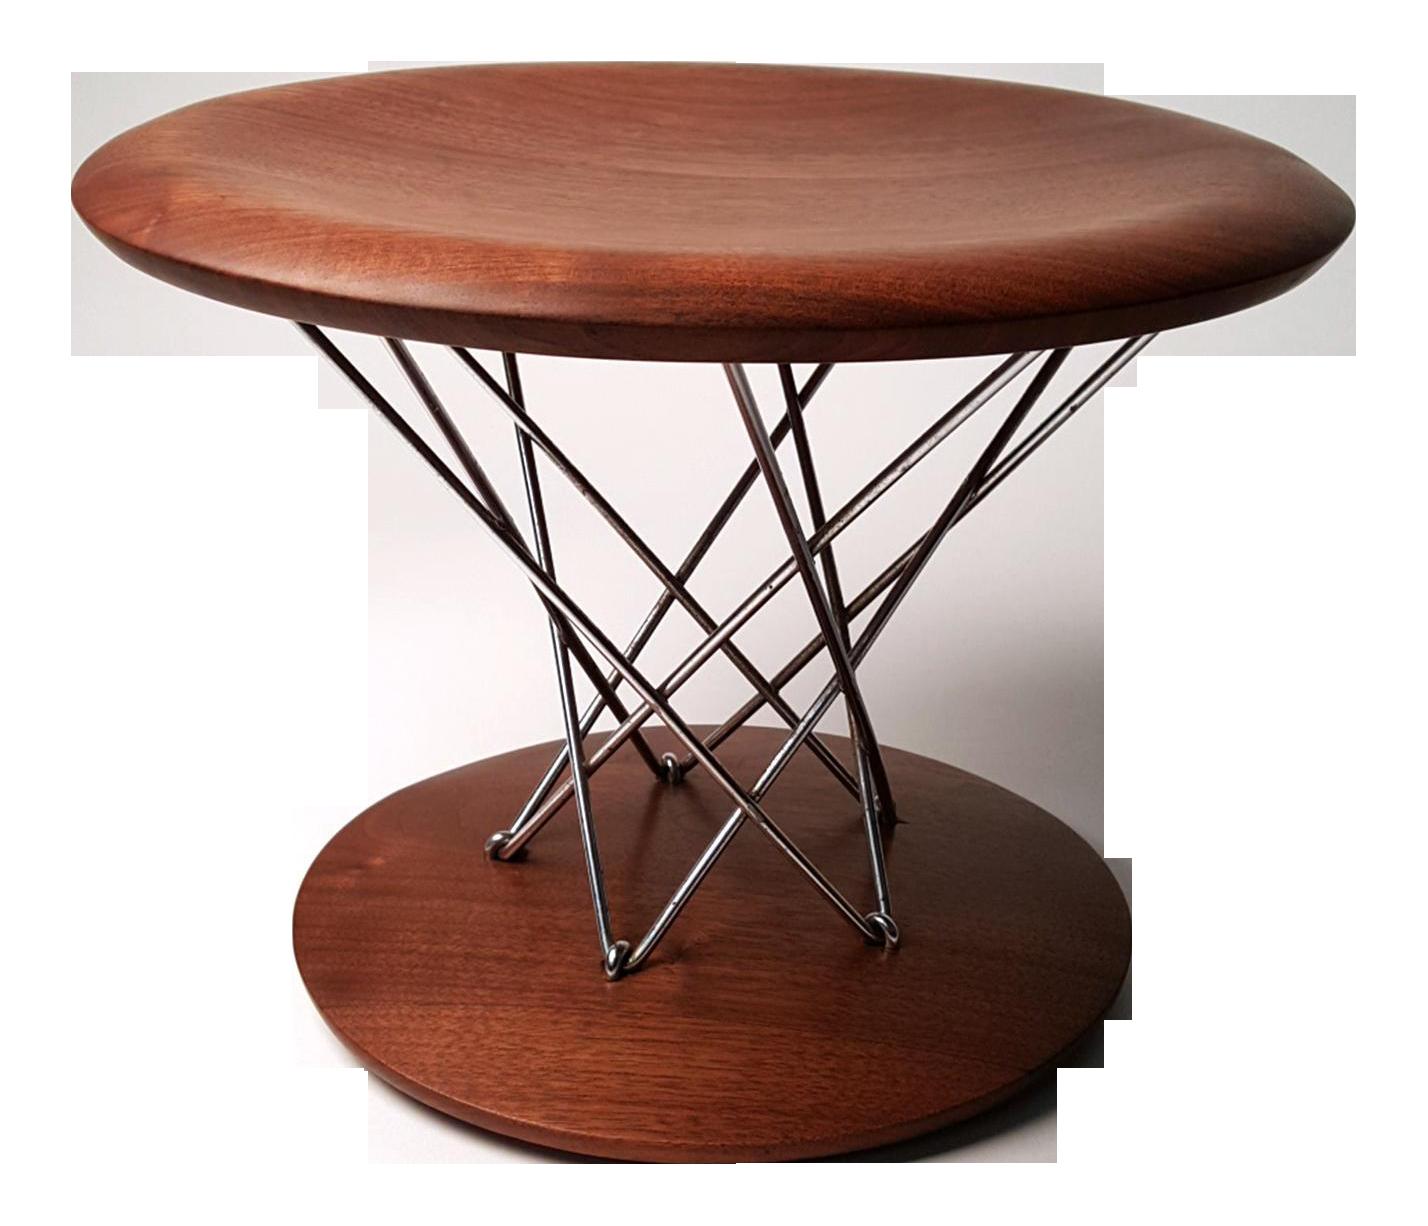 Isamu Noguchi's Rocking Stool, Modern Furniture